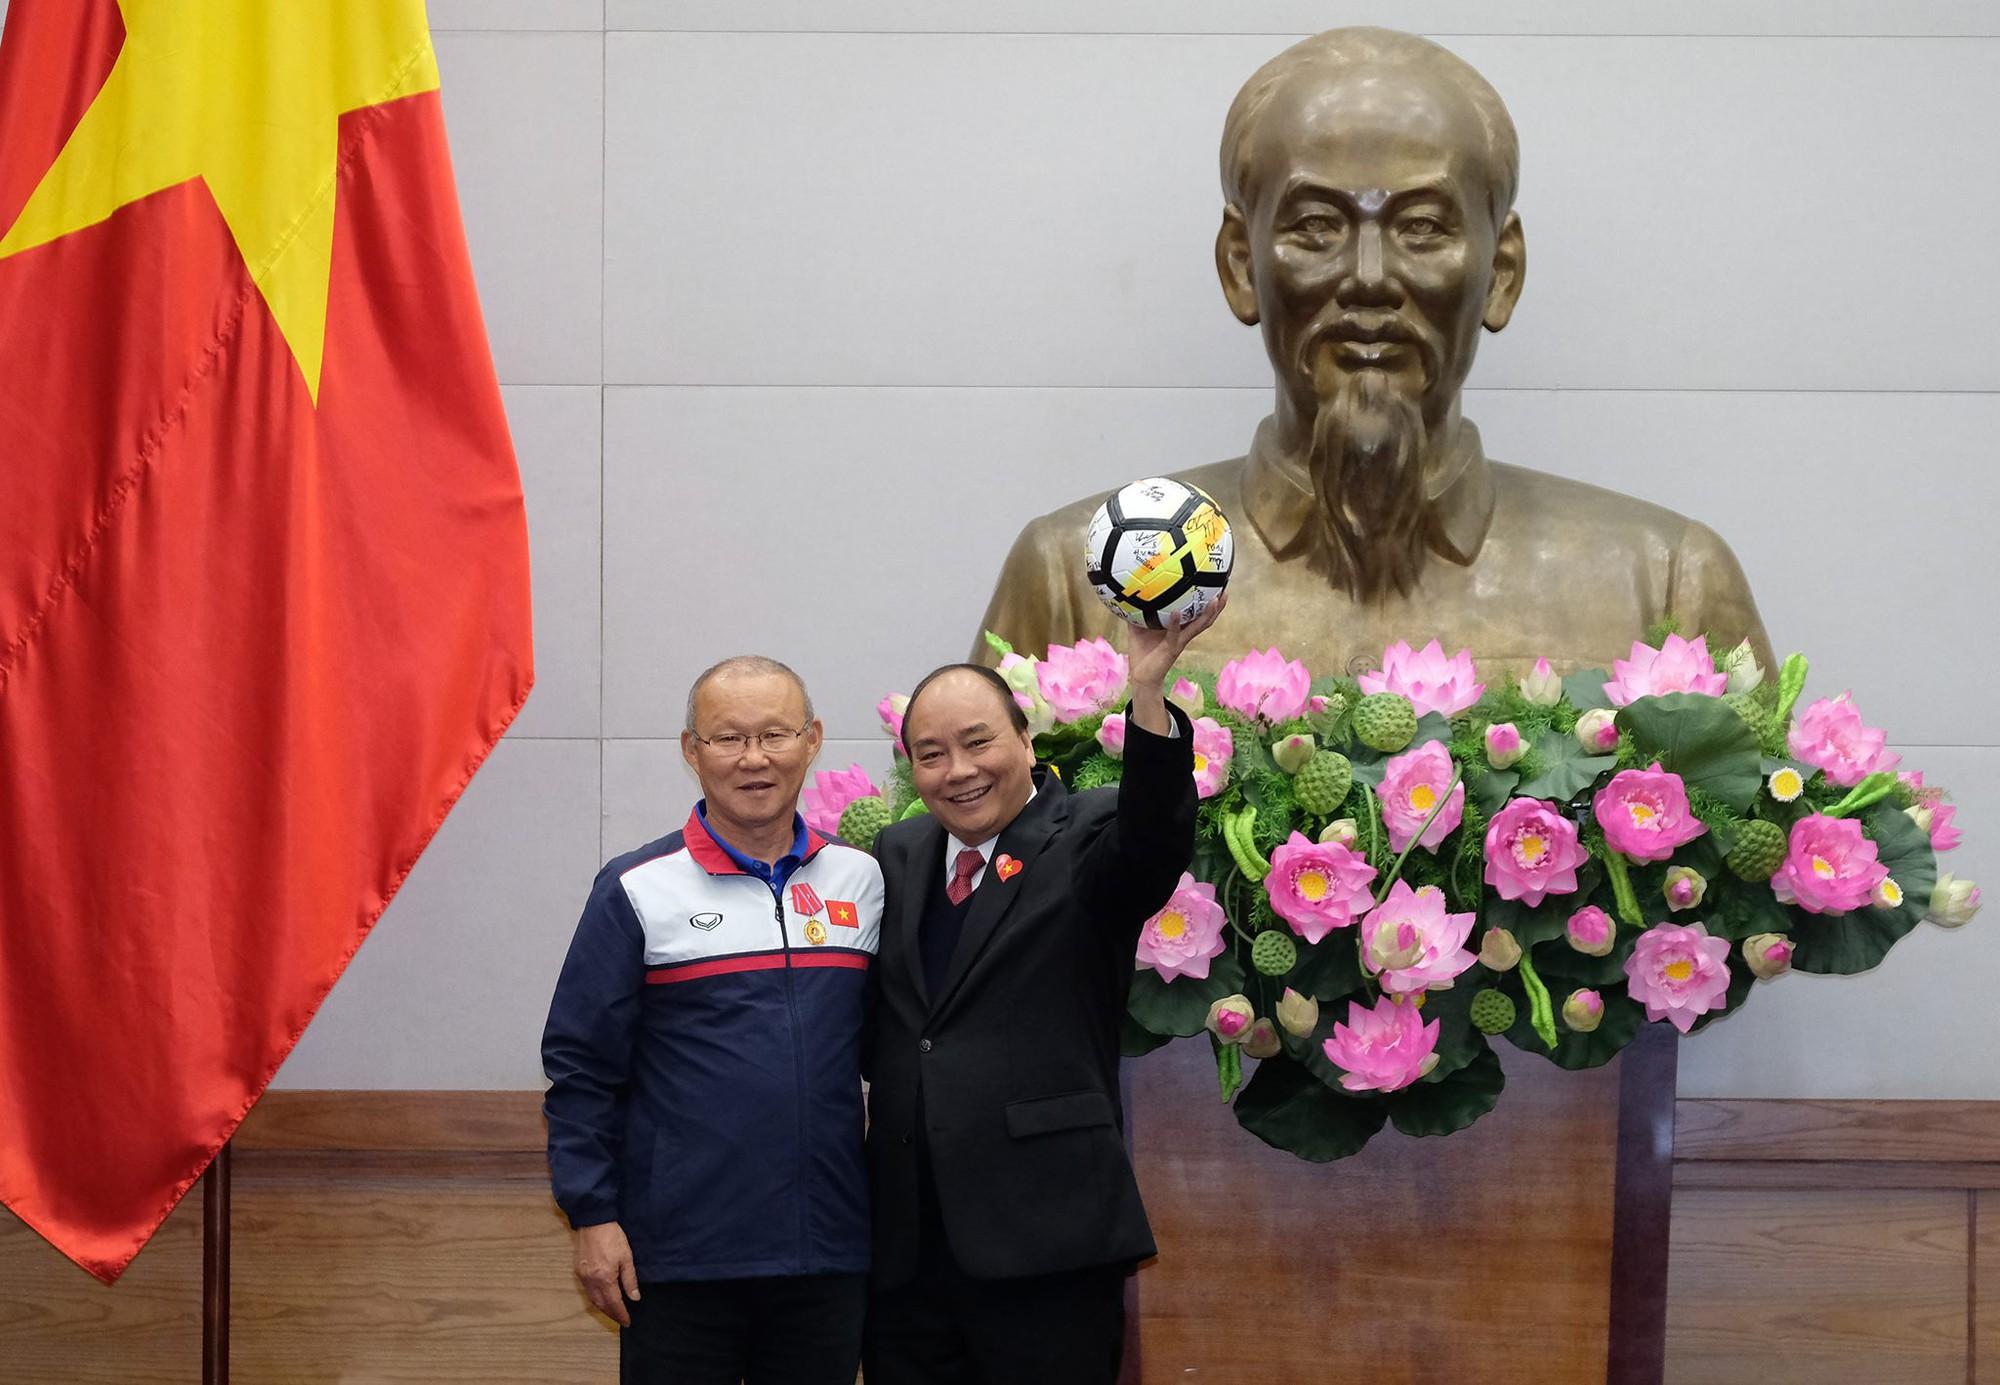 Một ngày dài nhưng nhiều cảm xúc của ông chú Park Hang Seo tại Hà Nội: Những khoảnh khắc không thể quên - Ảnh 12.